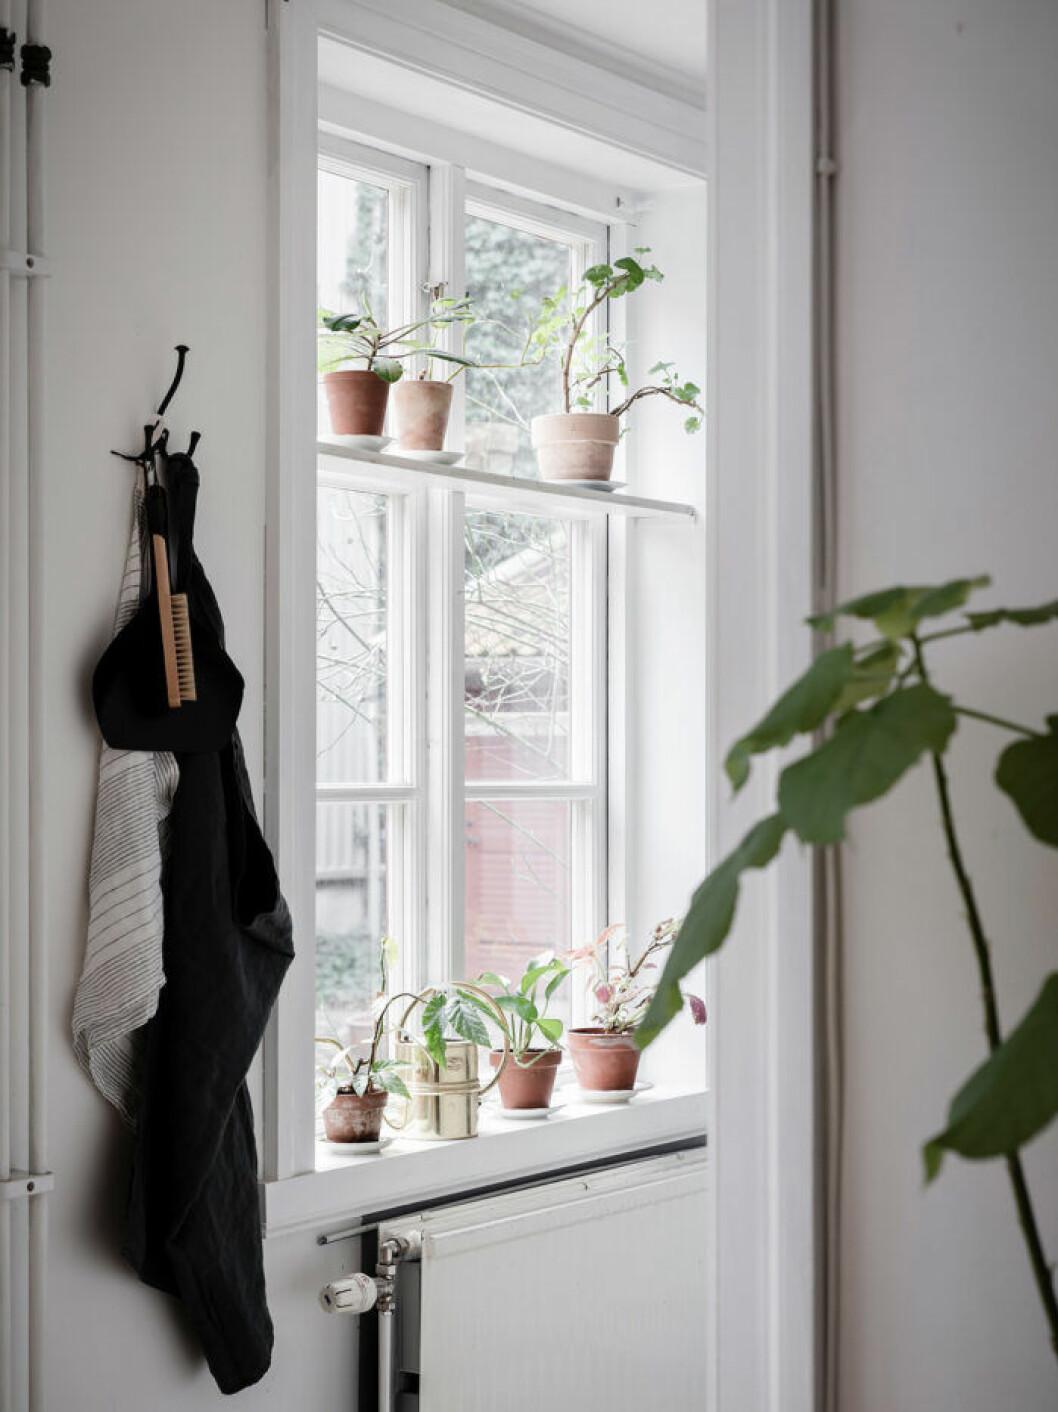 Inred kattvänligt med växter på fönsterbrädan